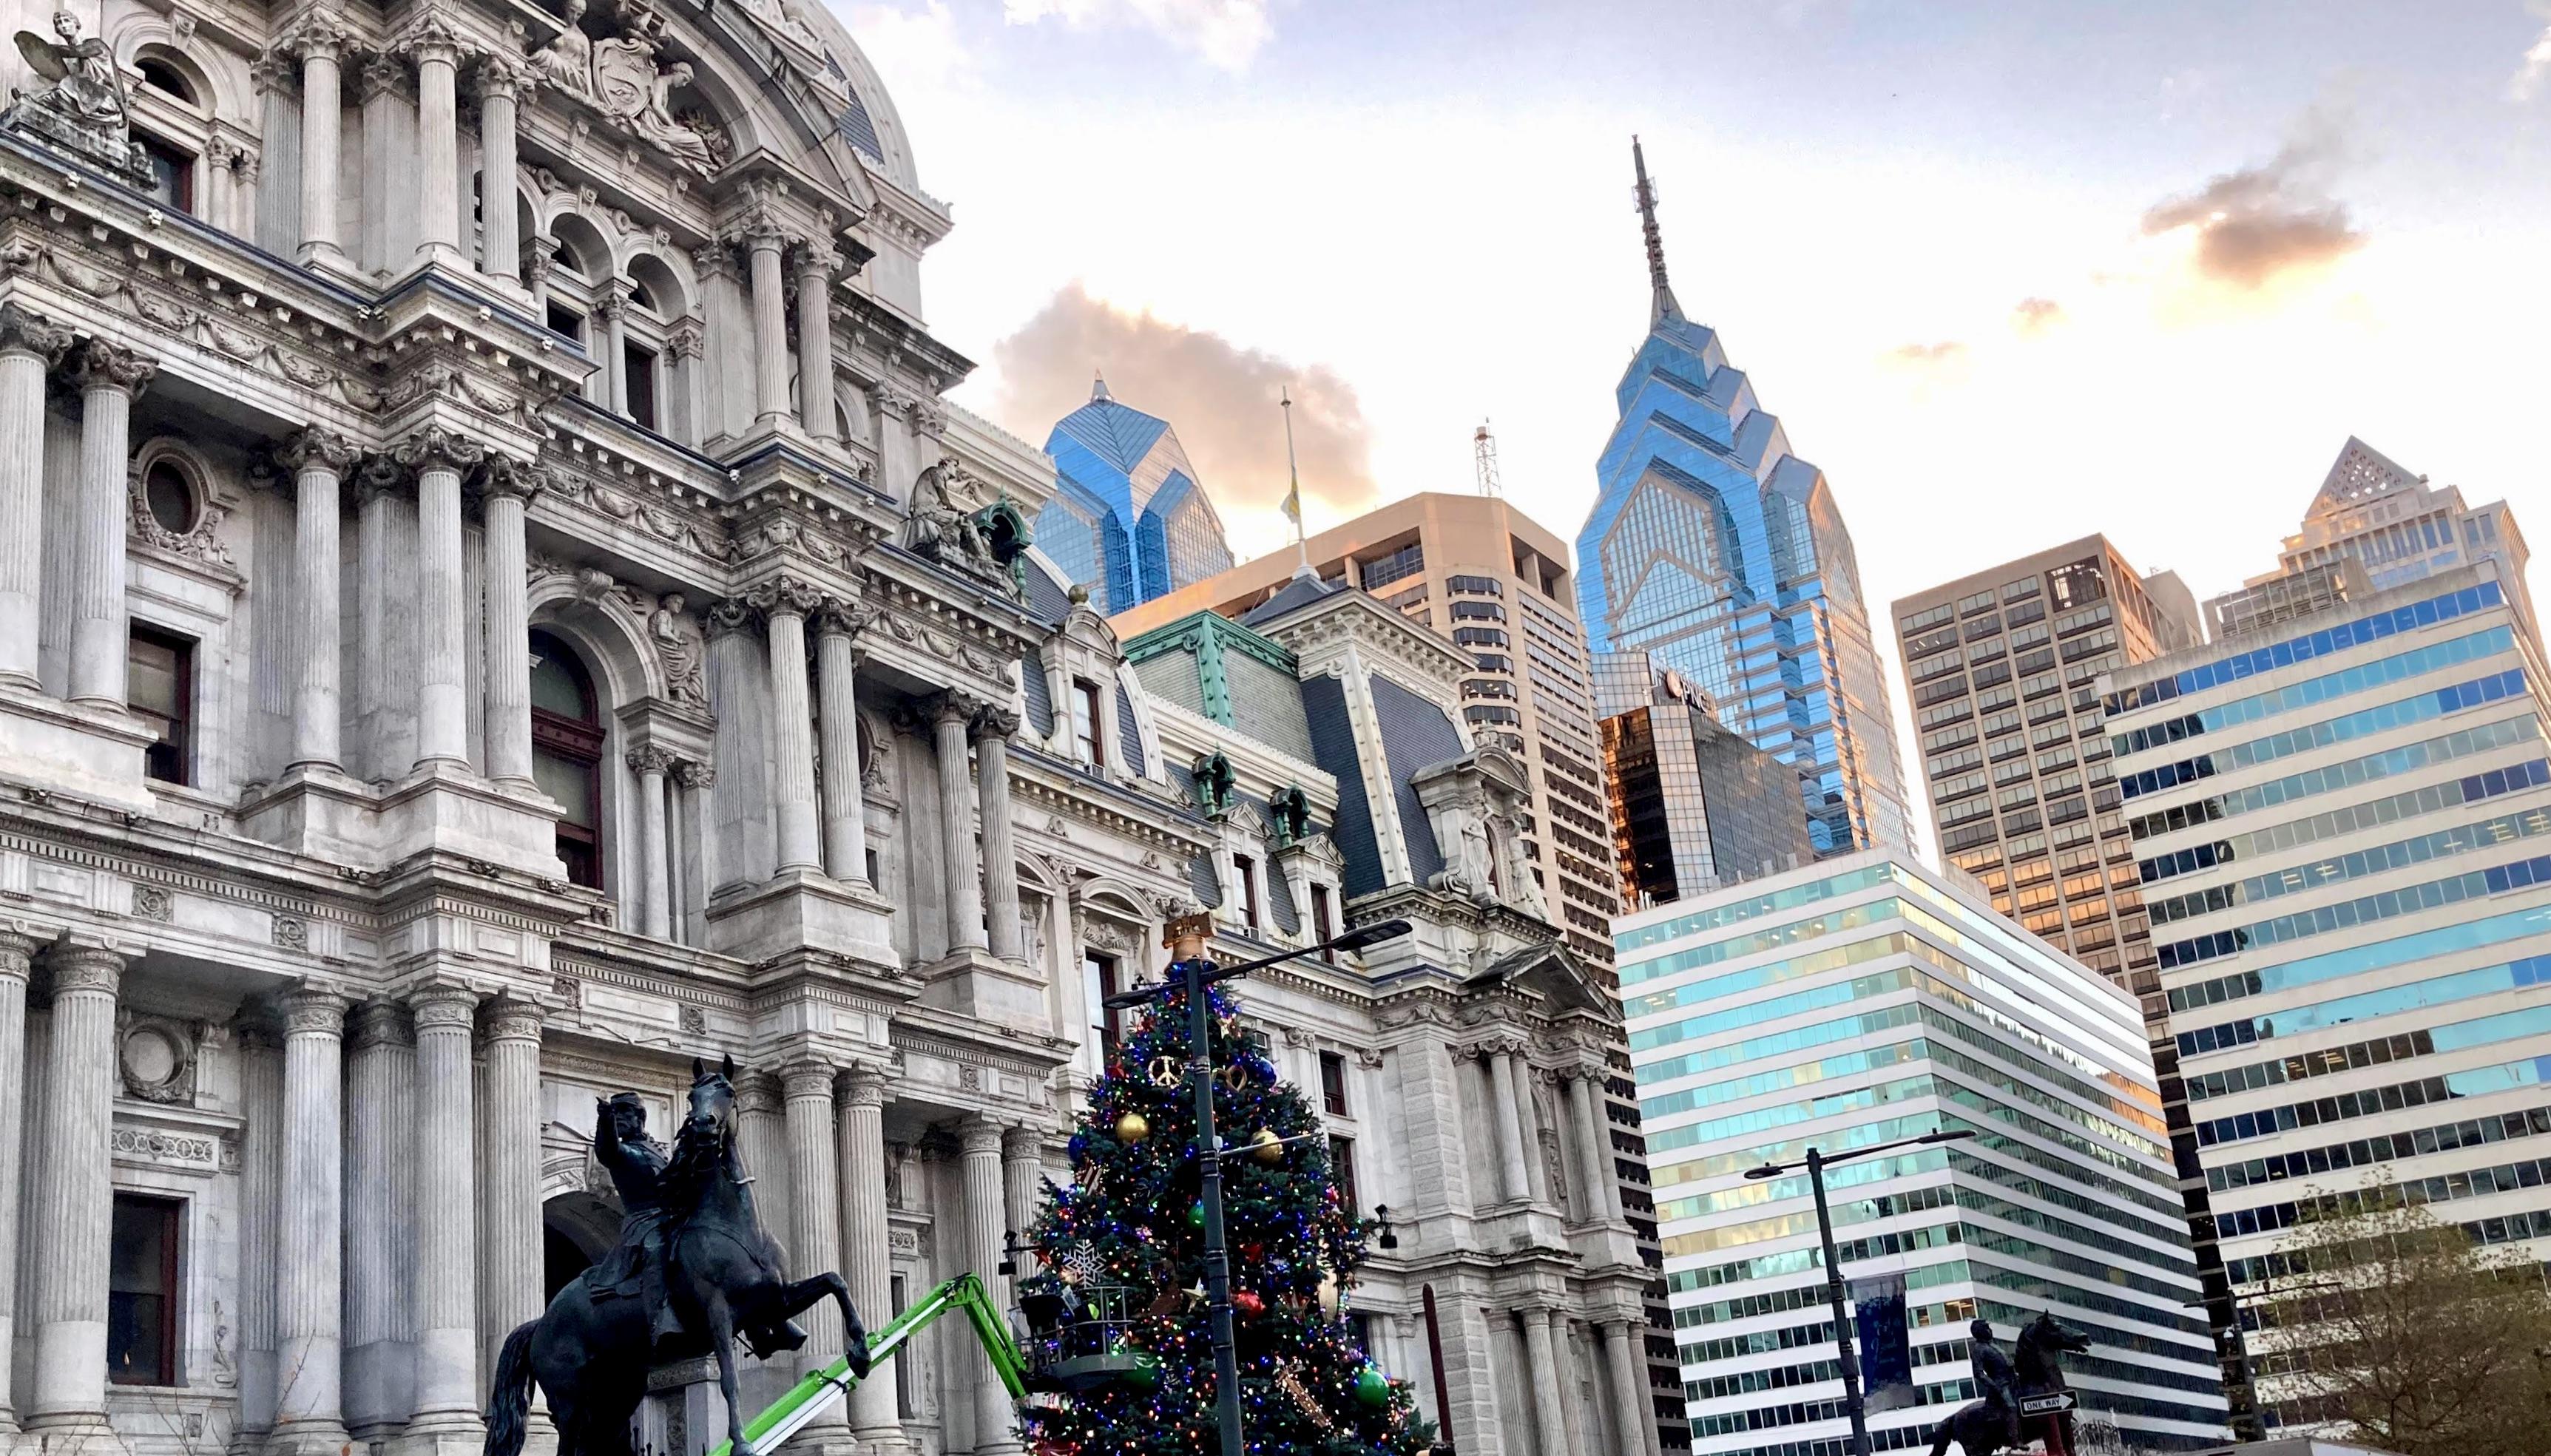 Philadelphia Museum of Art in Center City